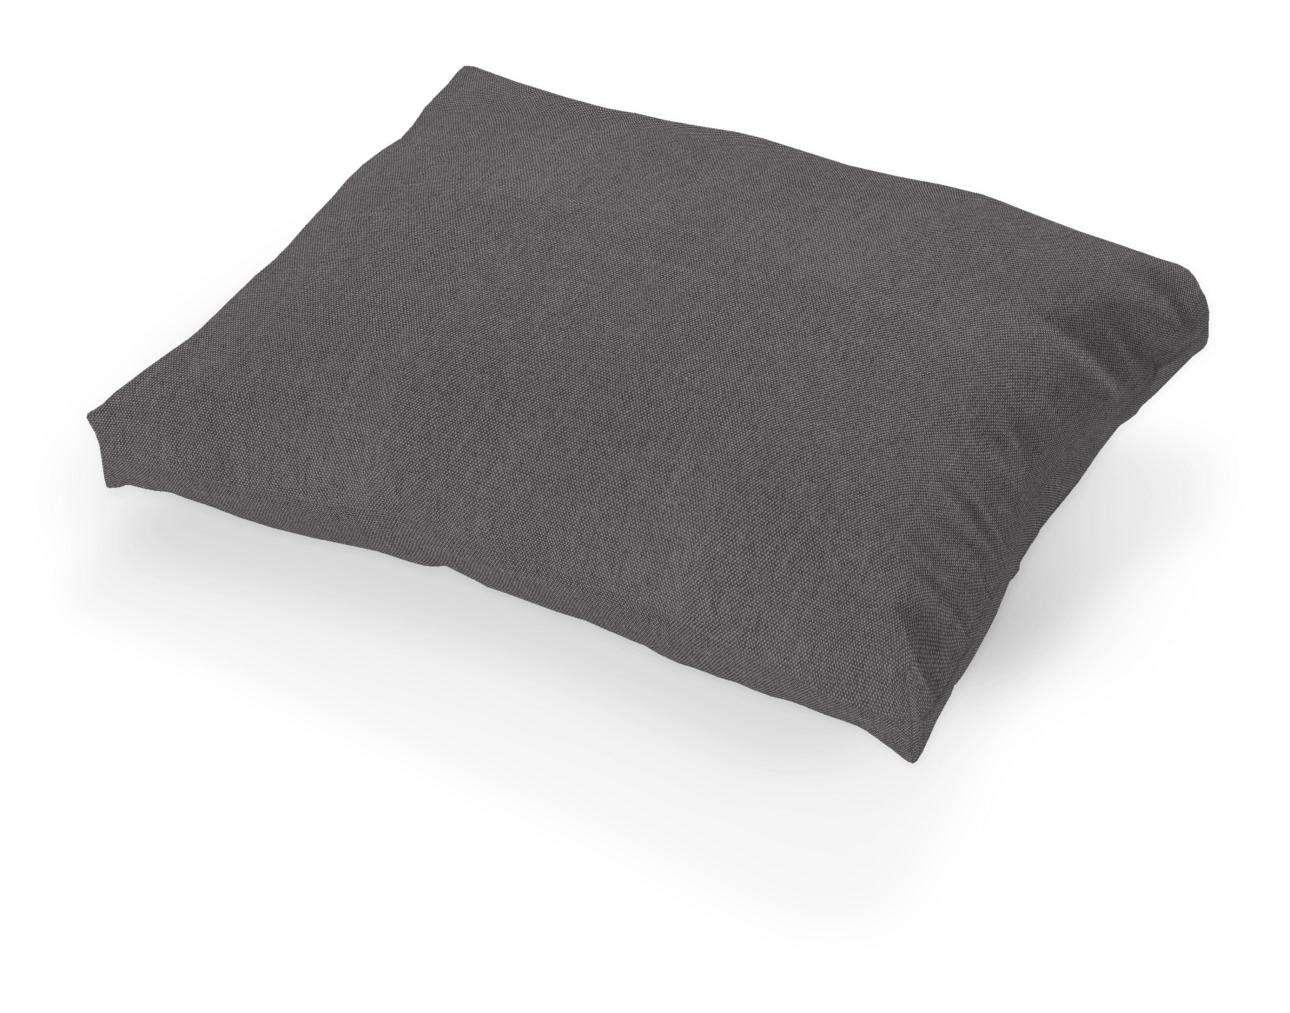 Poszewka na poduszkę Tylösand 1 szt. w kolekcji Etna, tkanina: 705-35